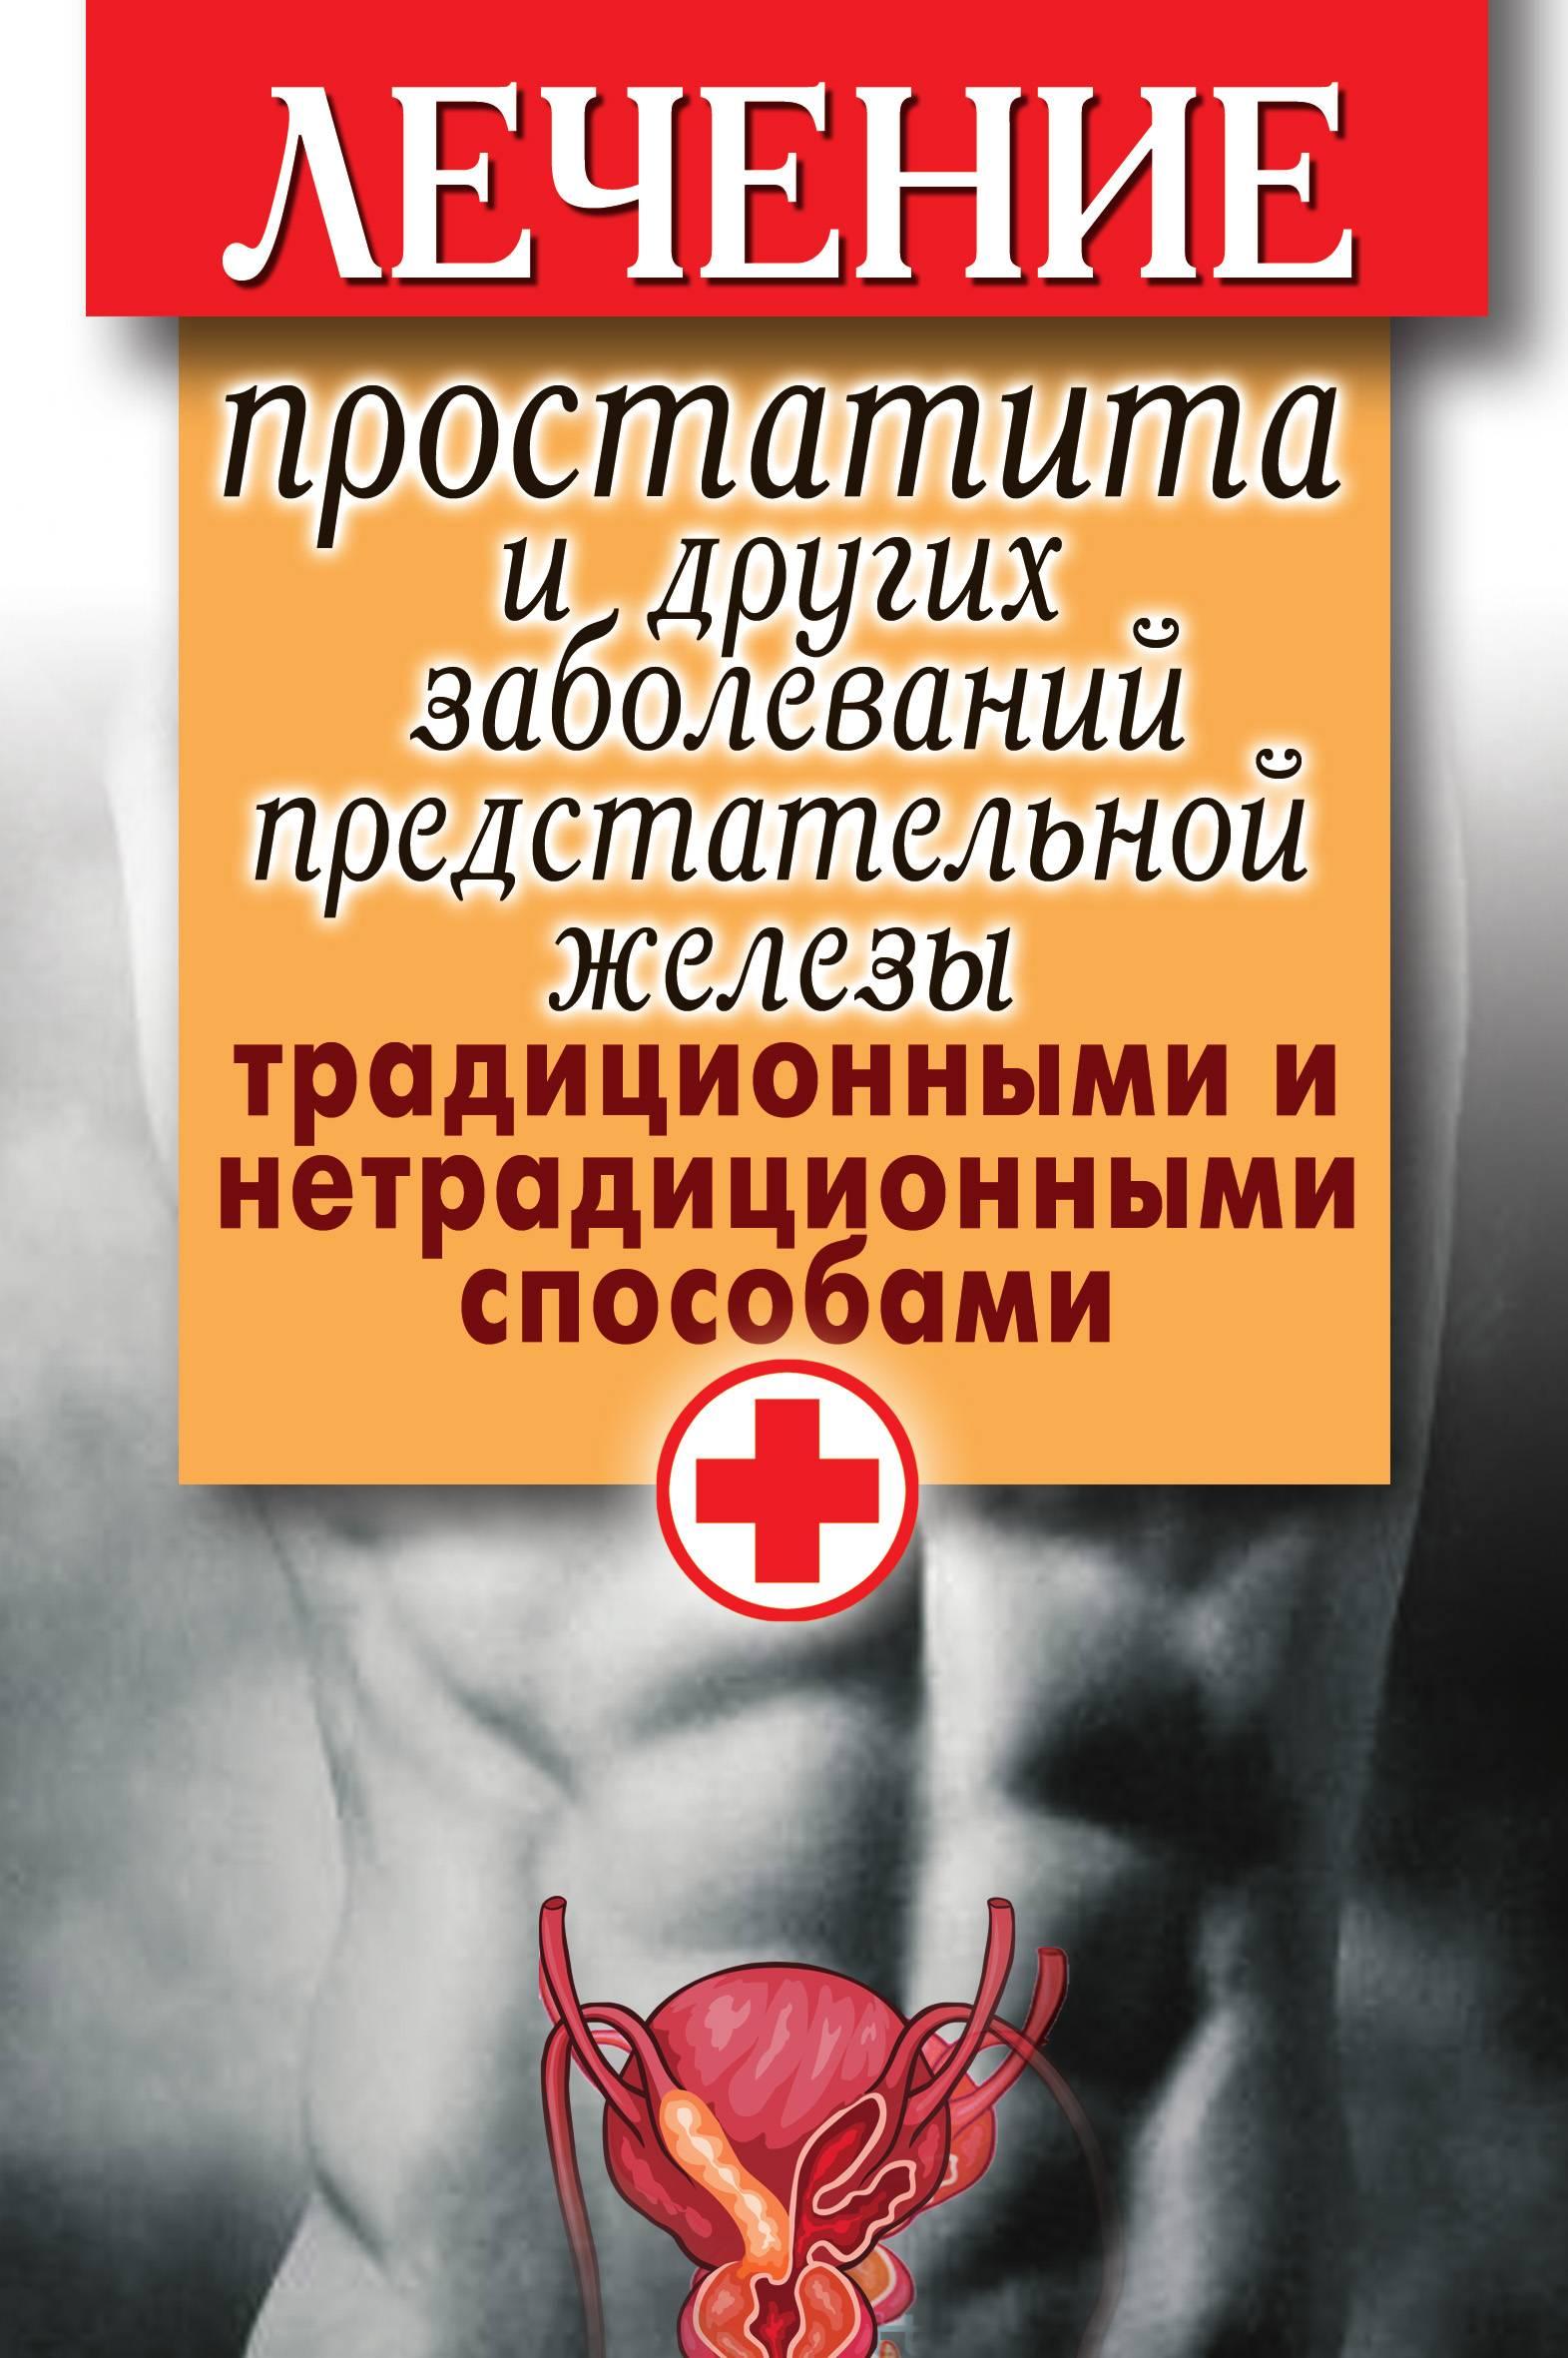 Симптомы небактерального простатита и методы лечения